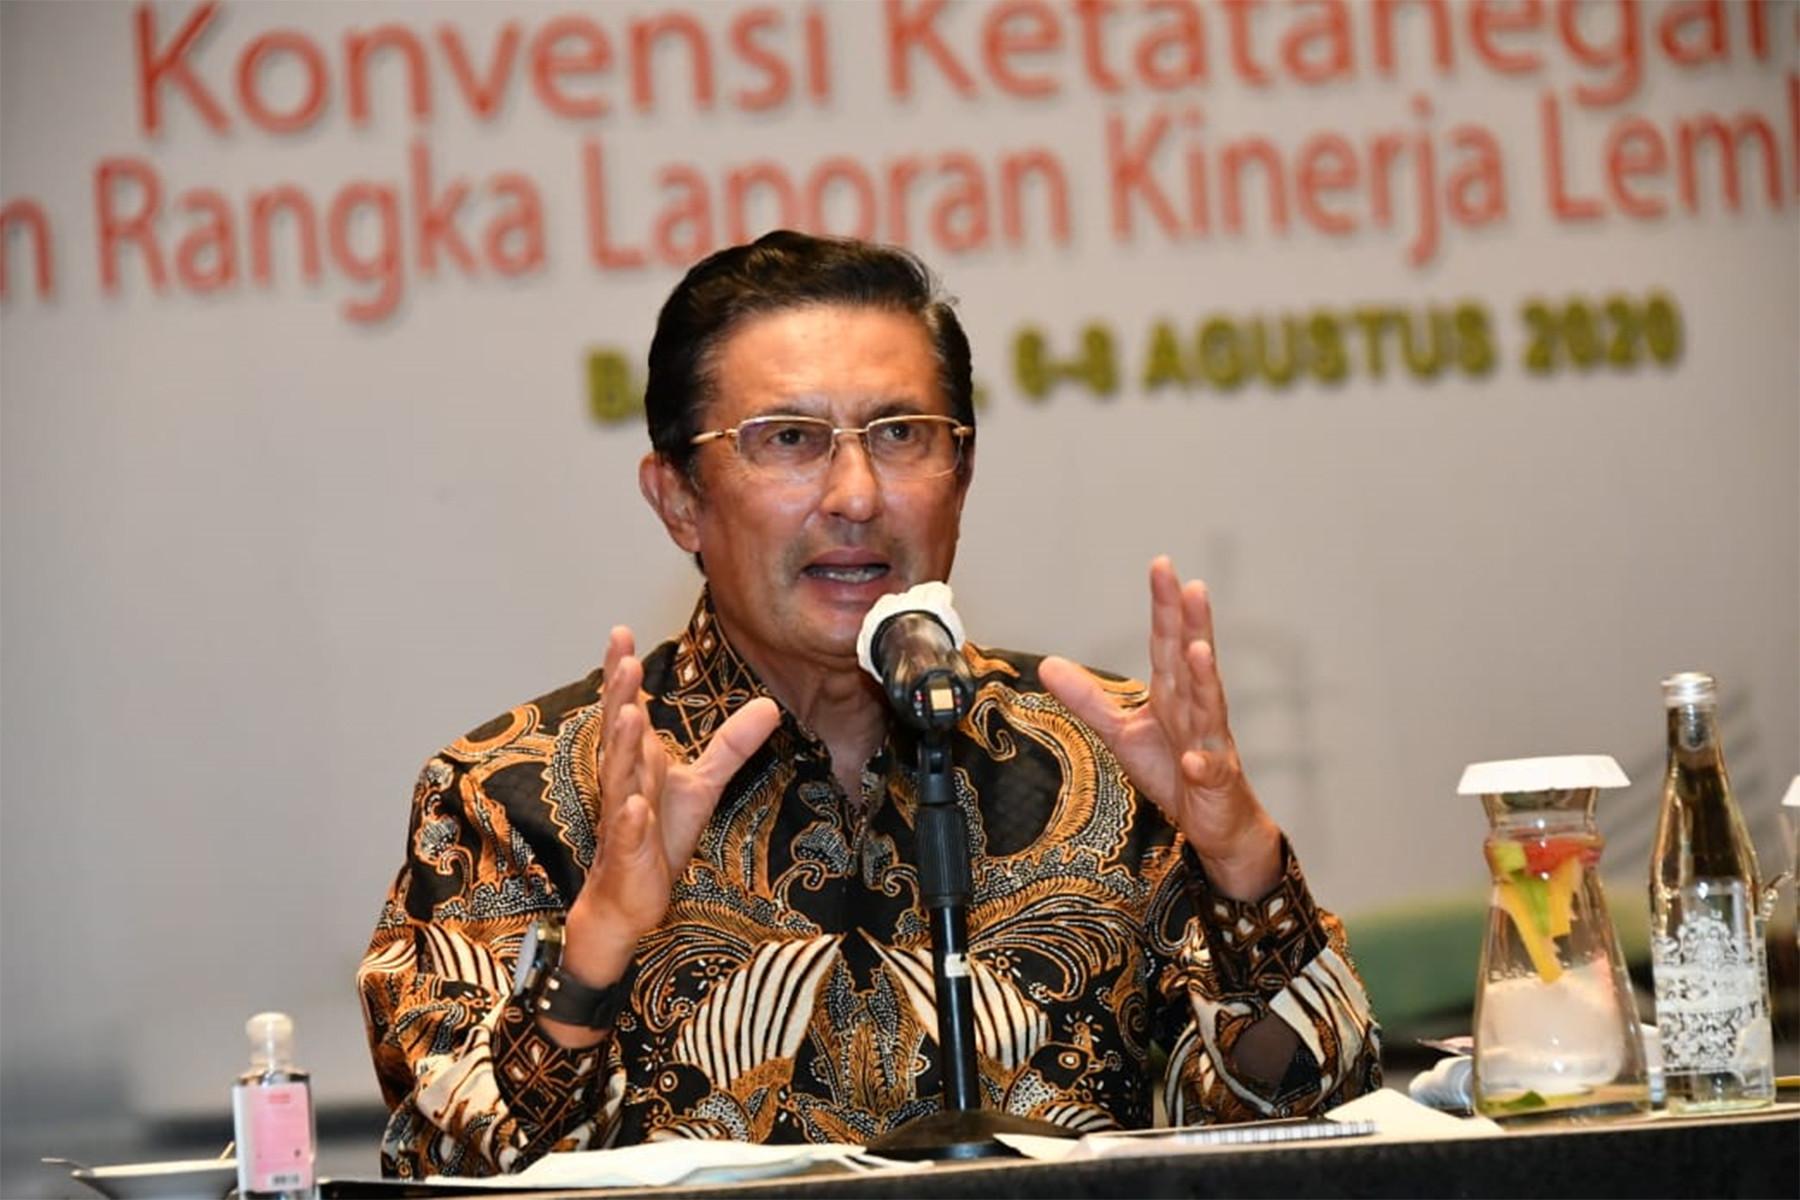 92 Tahun Sumpah Pemuda, Fadel Muhammad Harap Pemuda Indonesia Miliki Spirit Kewirausahaan